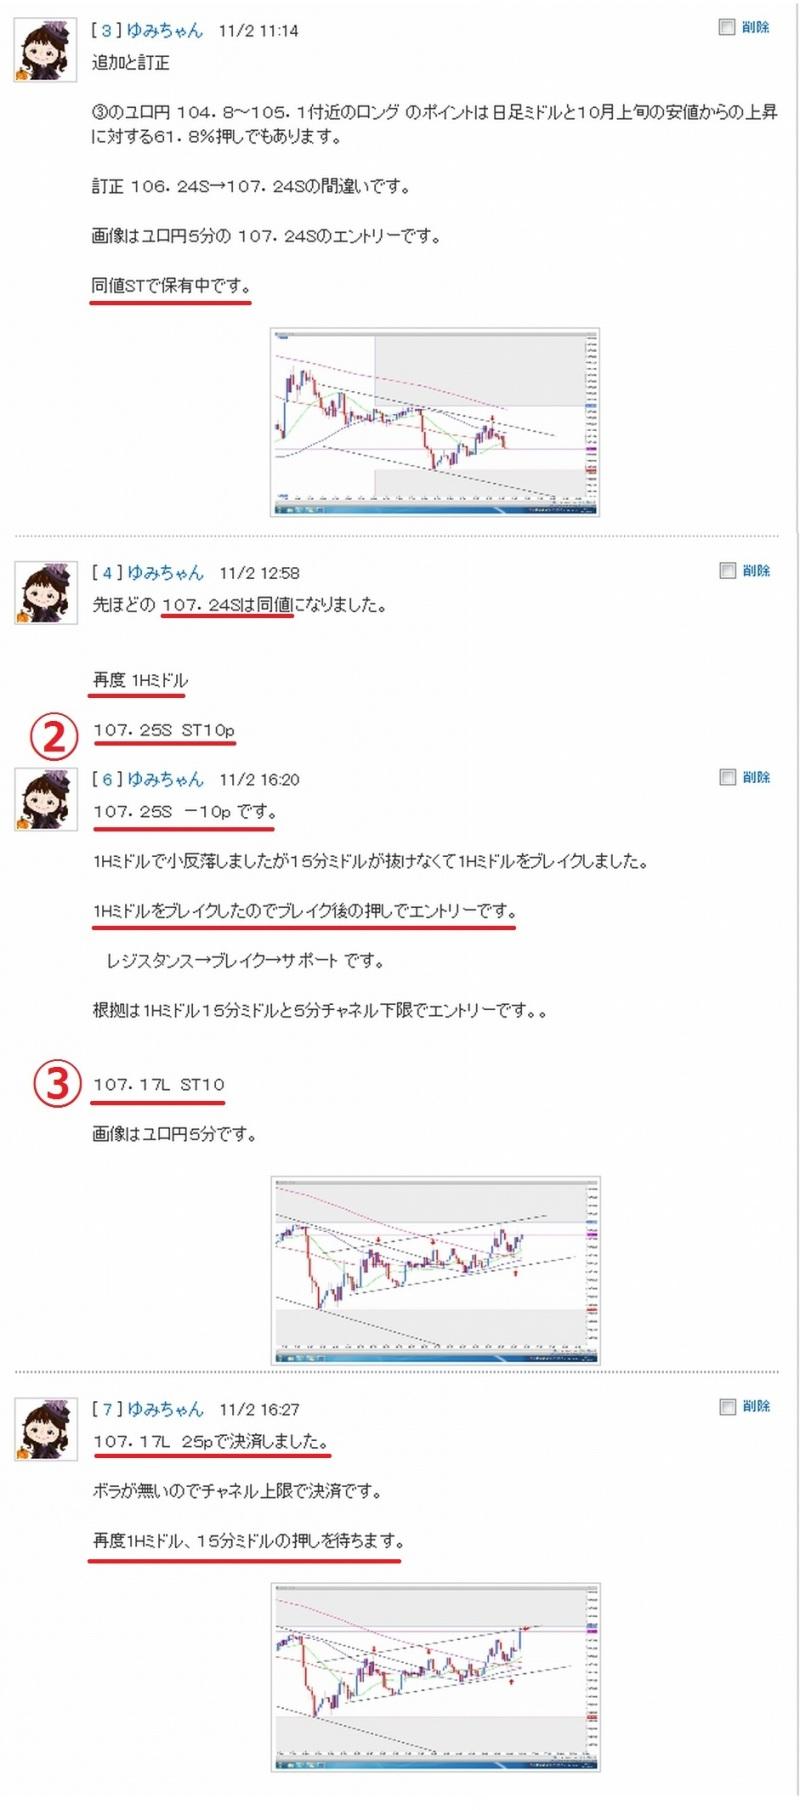 blog_import_513aef1450c96